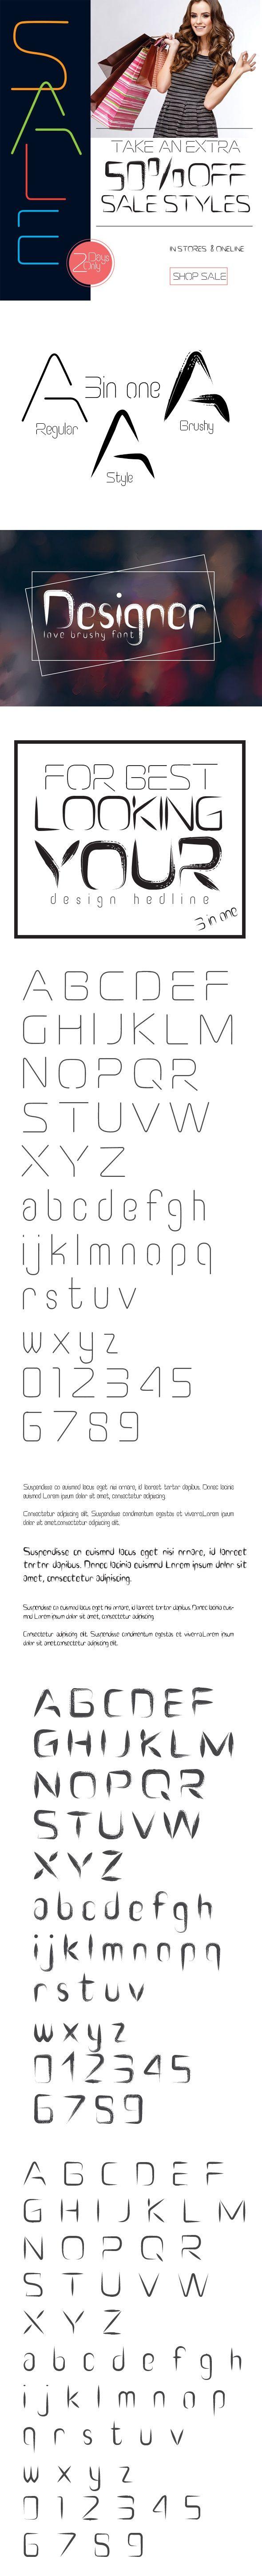 Leaf Font Download here: https://graphicriver.net/item/leaf-font/19397650?ref=KlitVogli